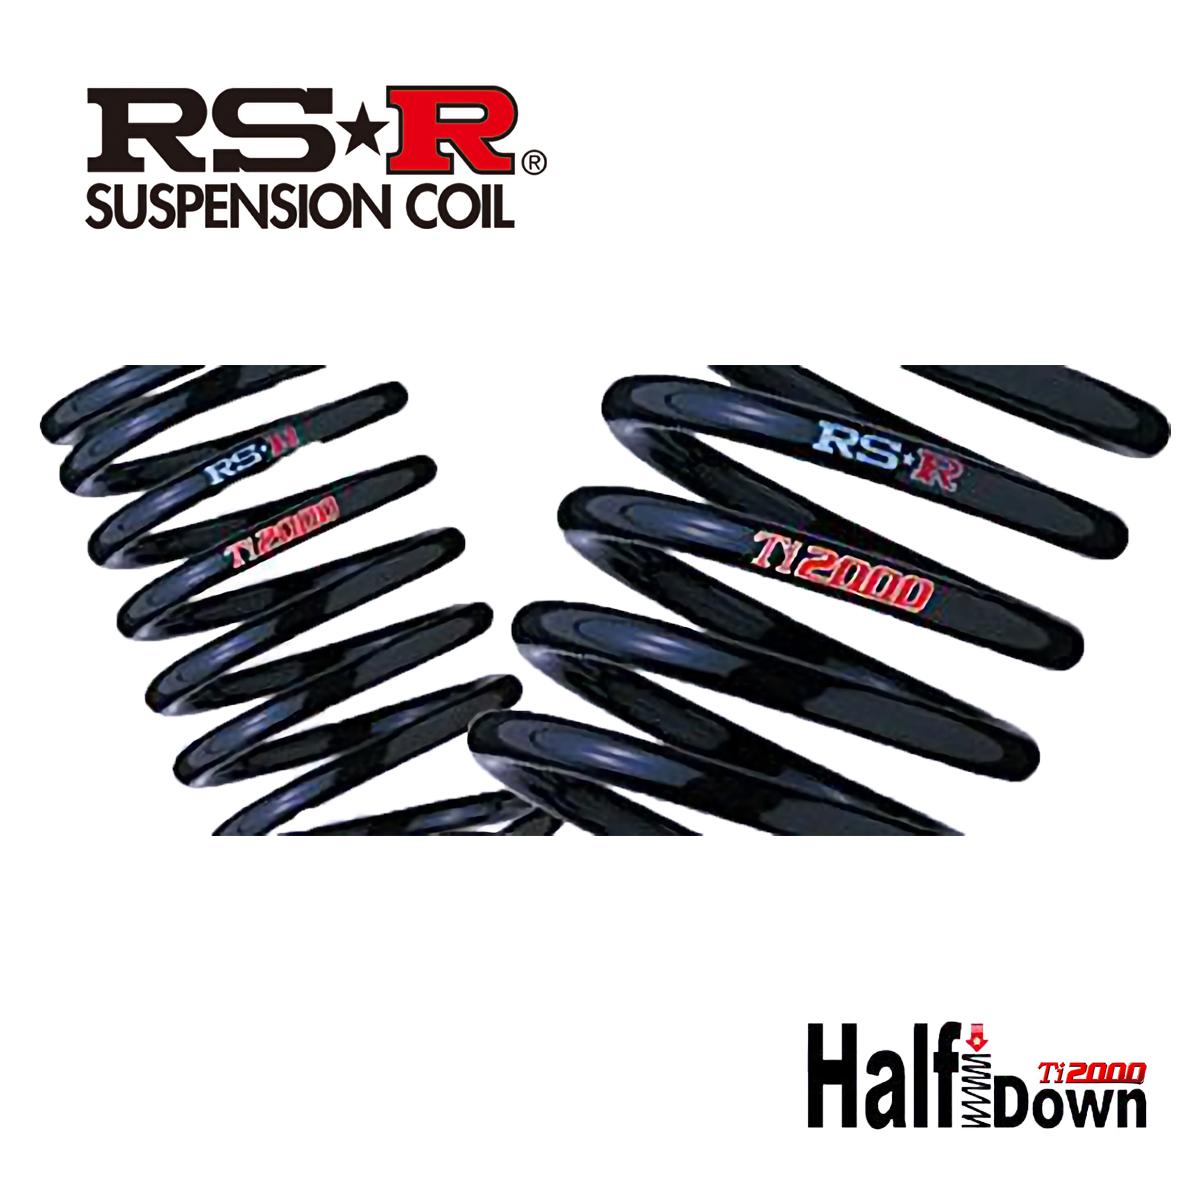 RS-R ステラ LA150F カスタムRSスマートアシスト ダウンサス スプリング フロント D200THDF Ti2000 ハーフダウン RSR 個人宅発送追金有